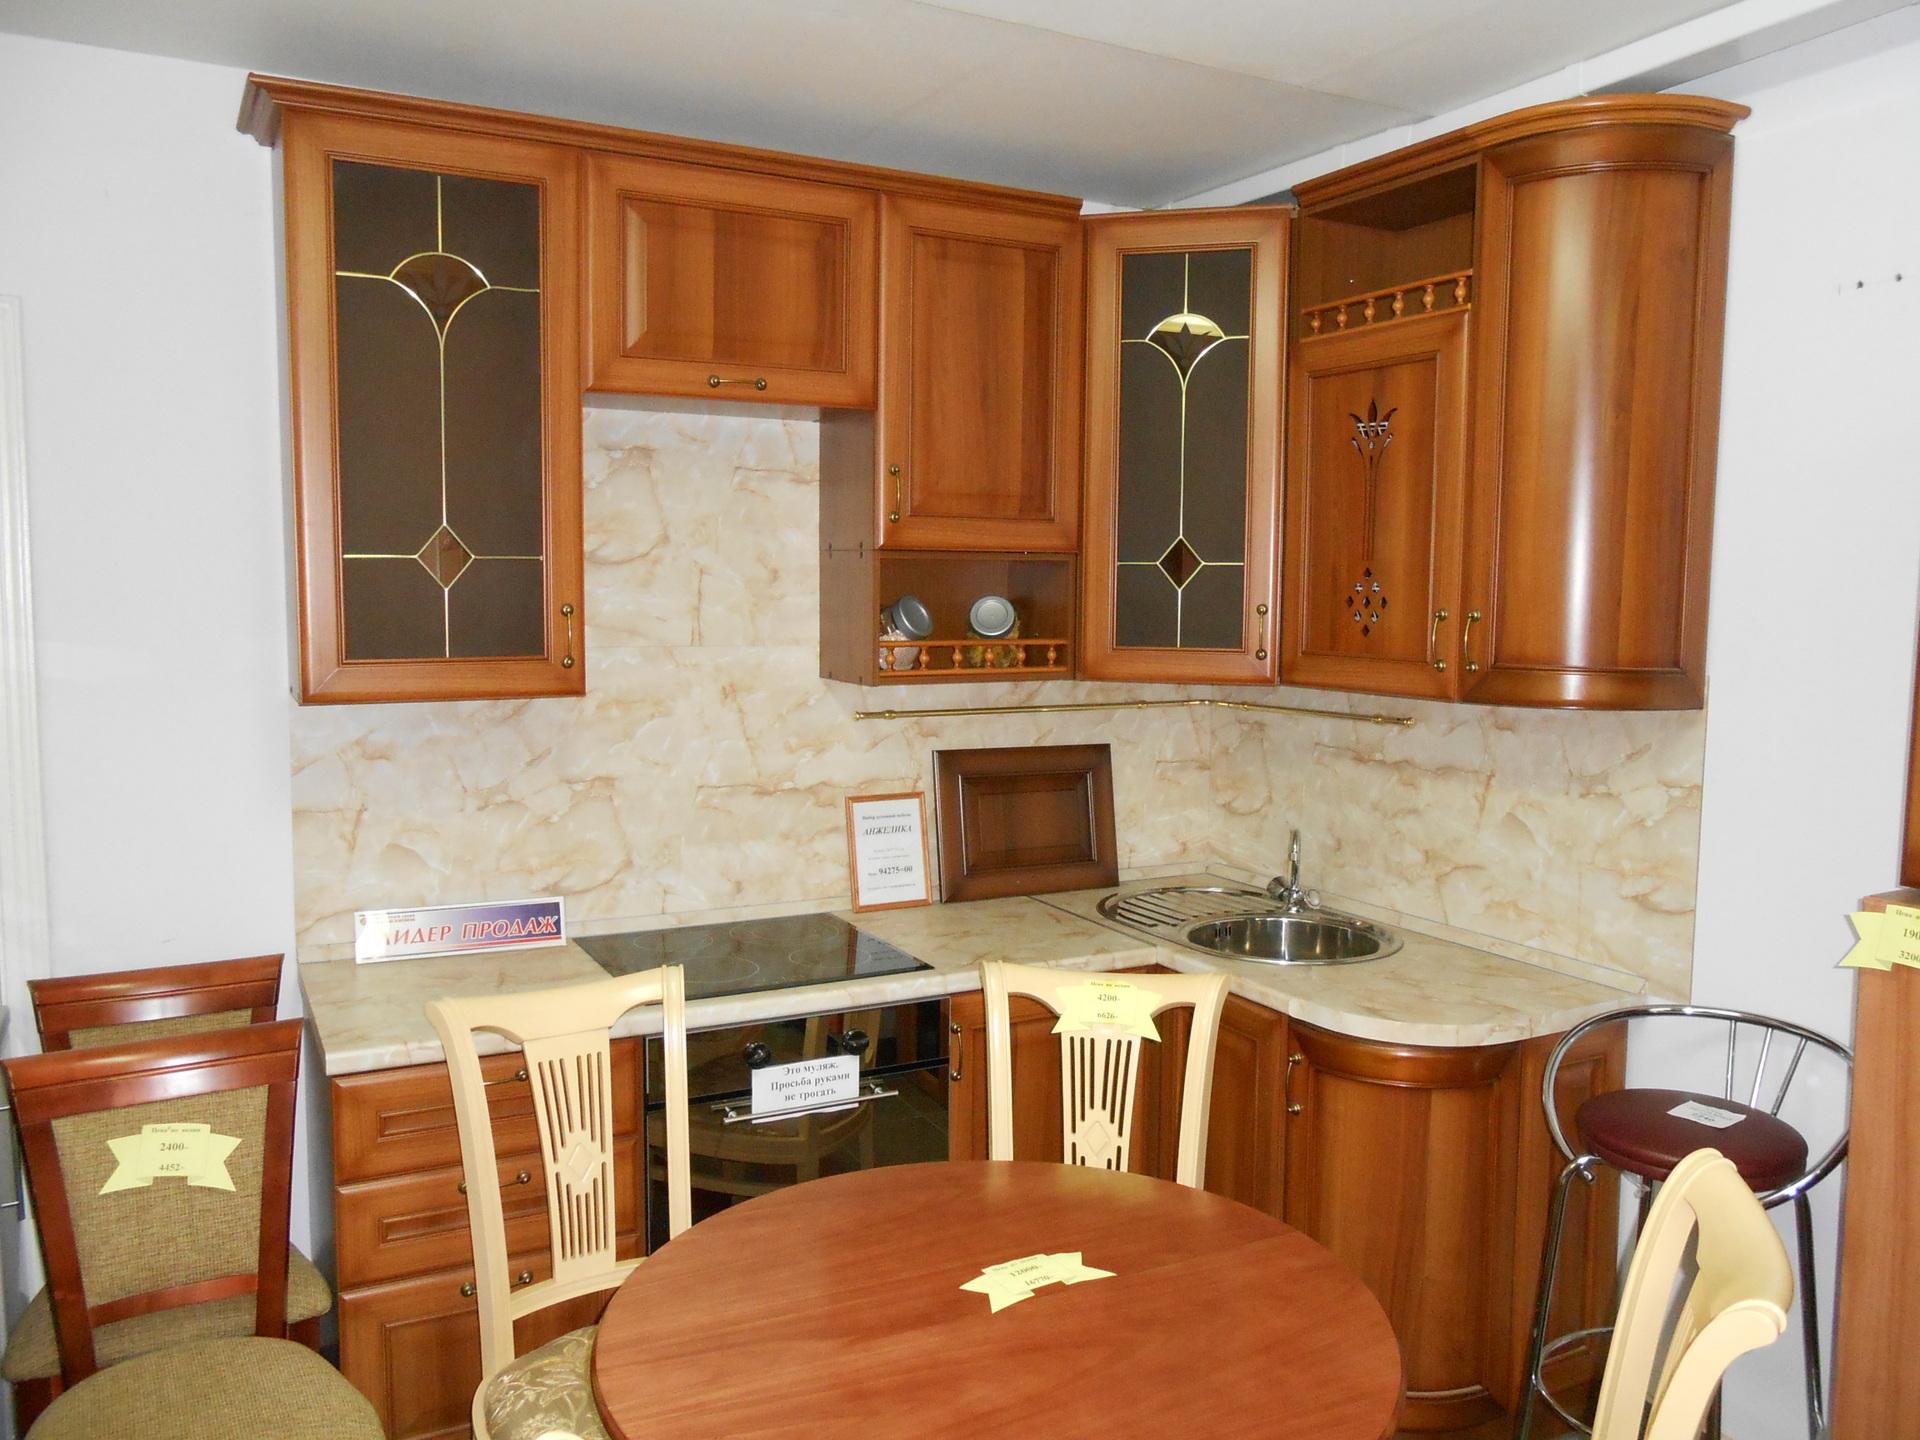 Правильно размещенные шкафы на кухне делают ее очень удобной.